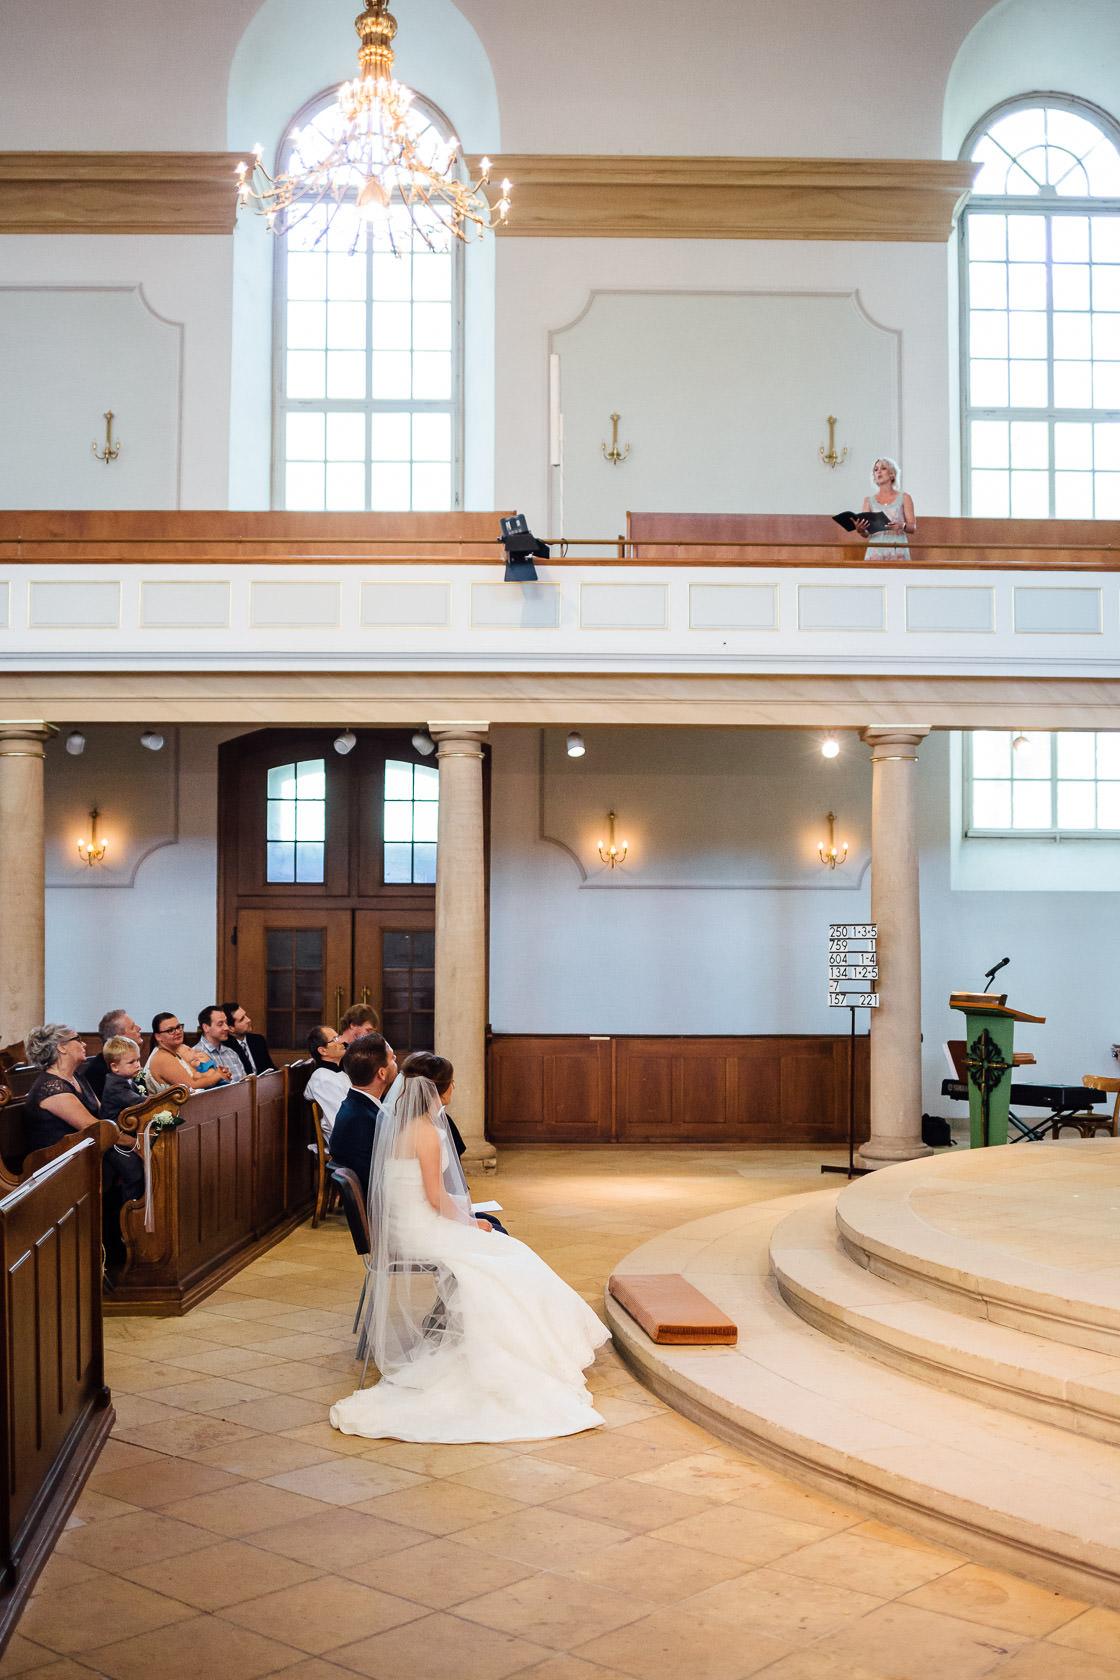 Hochzeit Carmen und Dirk in Bad Kreuznach Trauung in der Ausmarsch